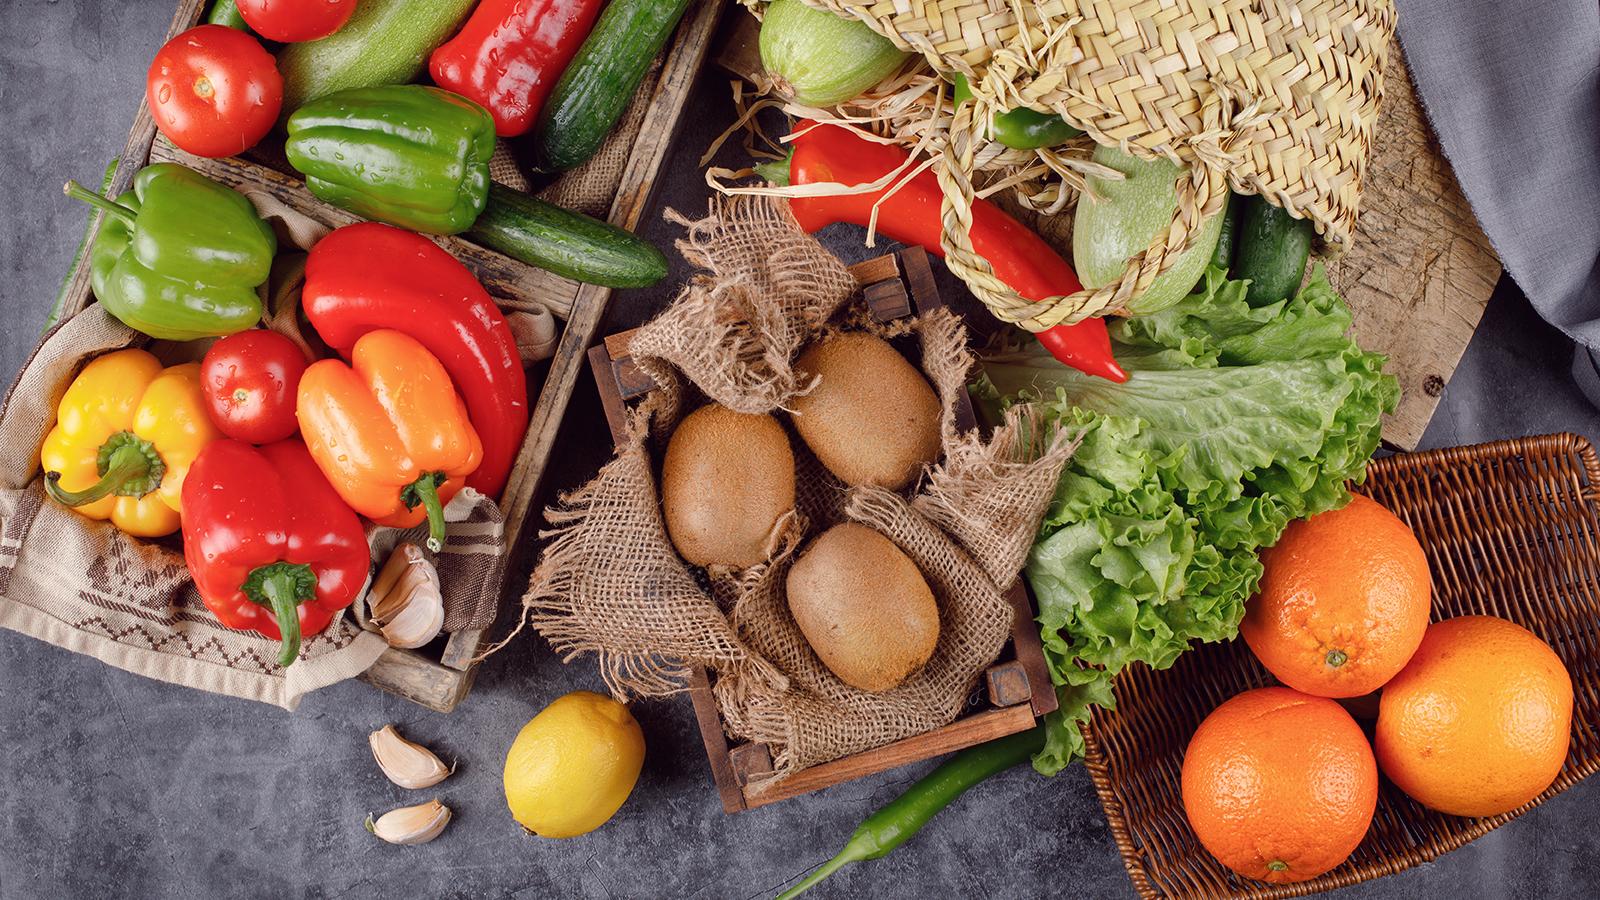 Make your diet rich in antioxidants